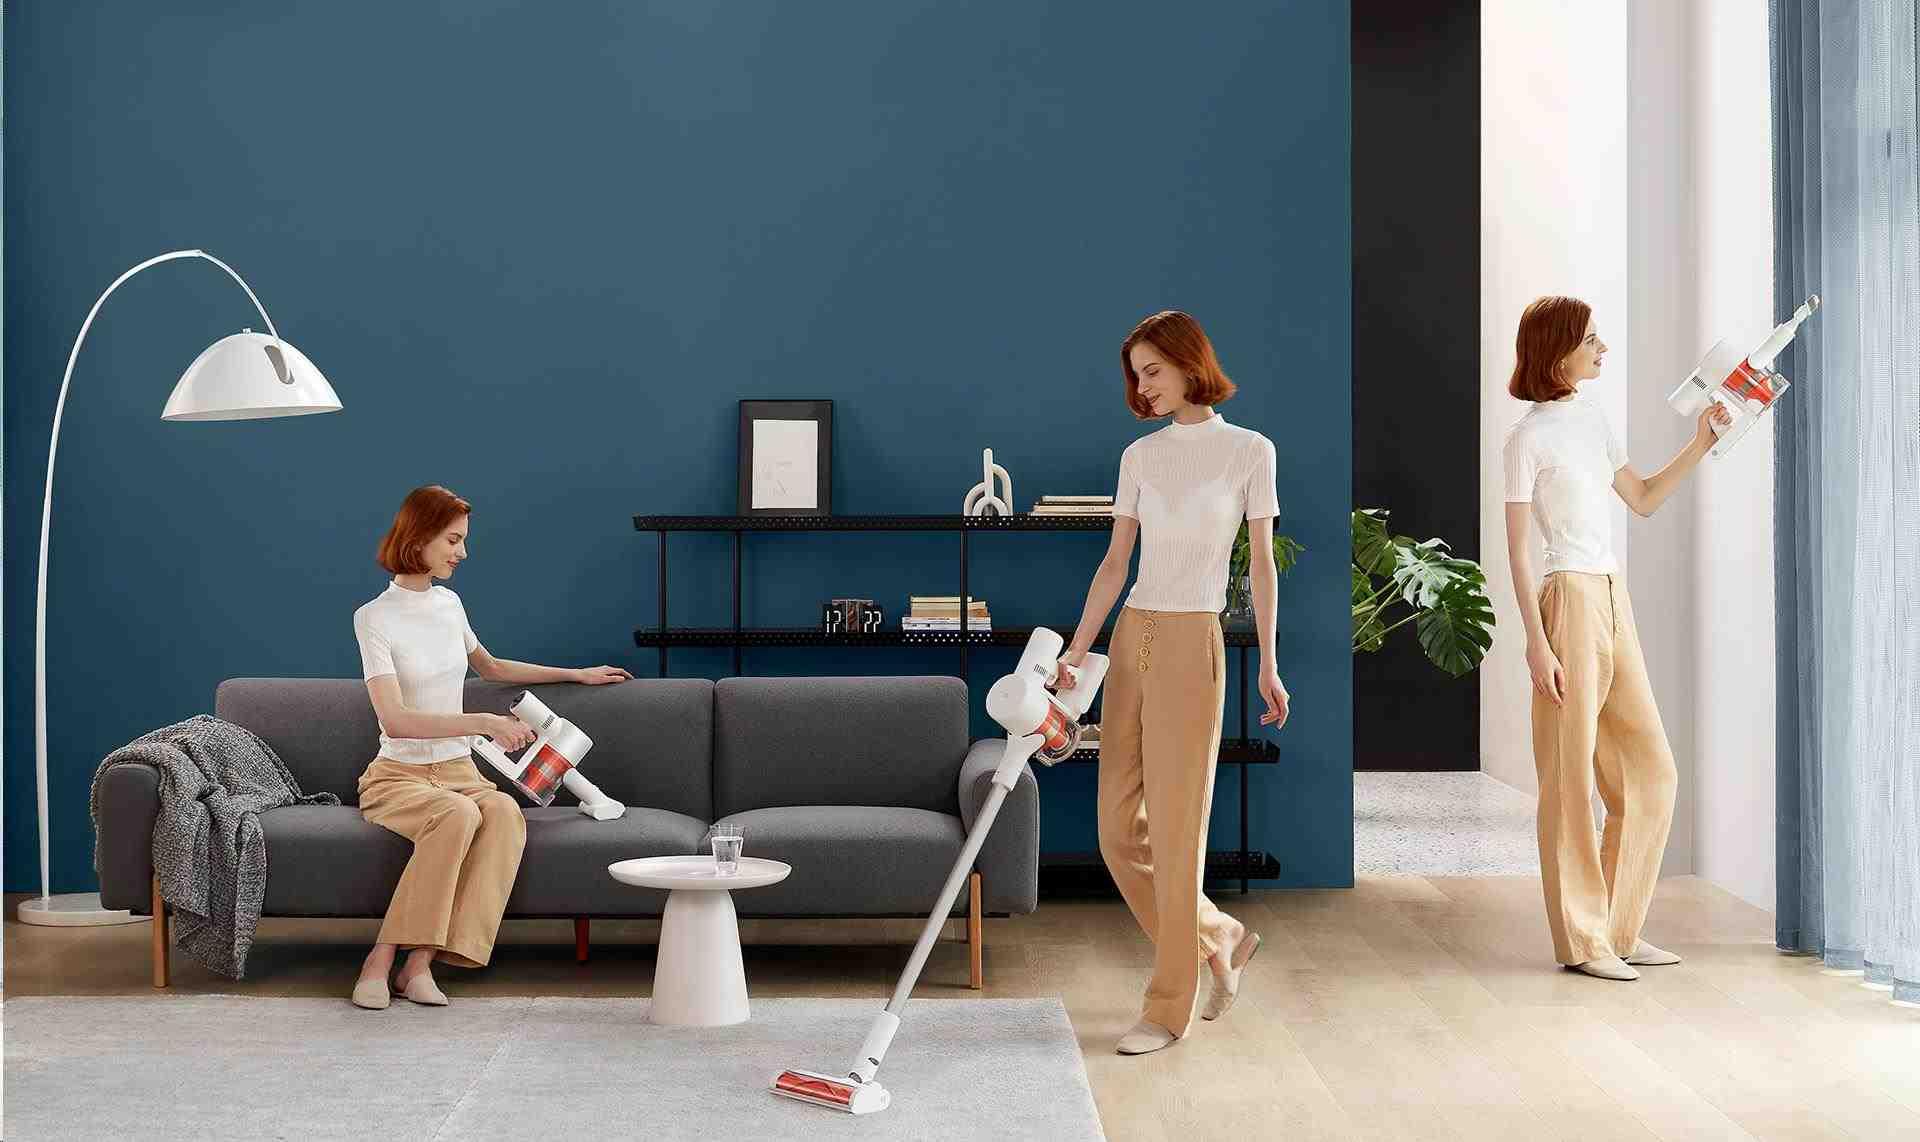 Obr. Výkonné čištění 1552495c